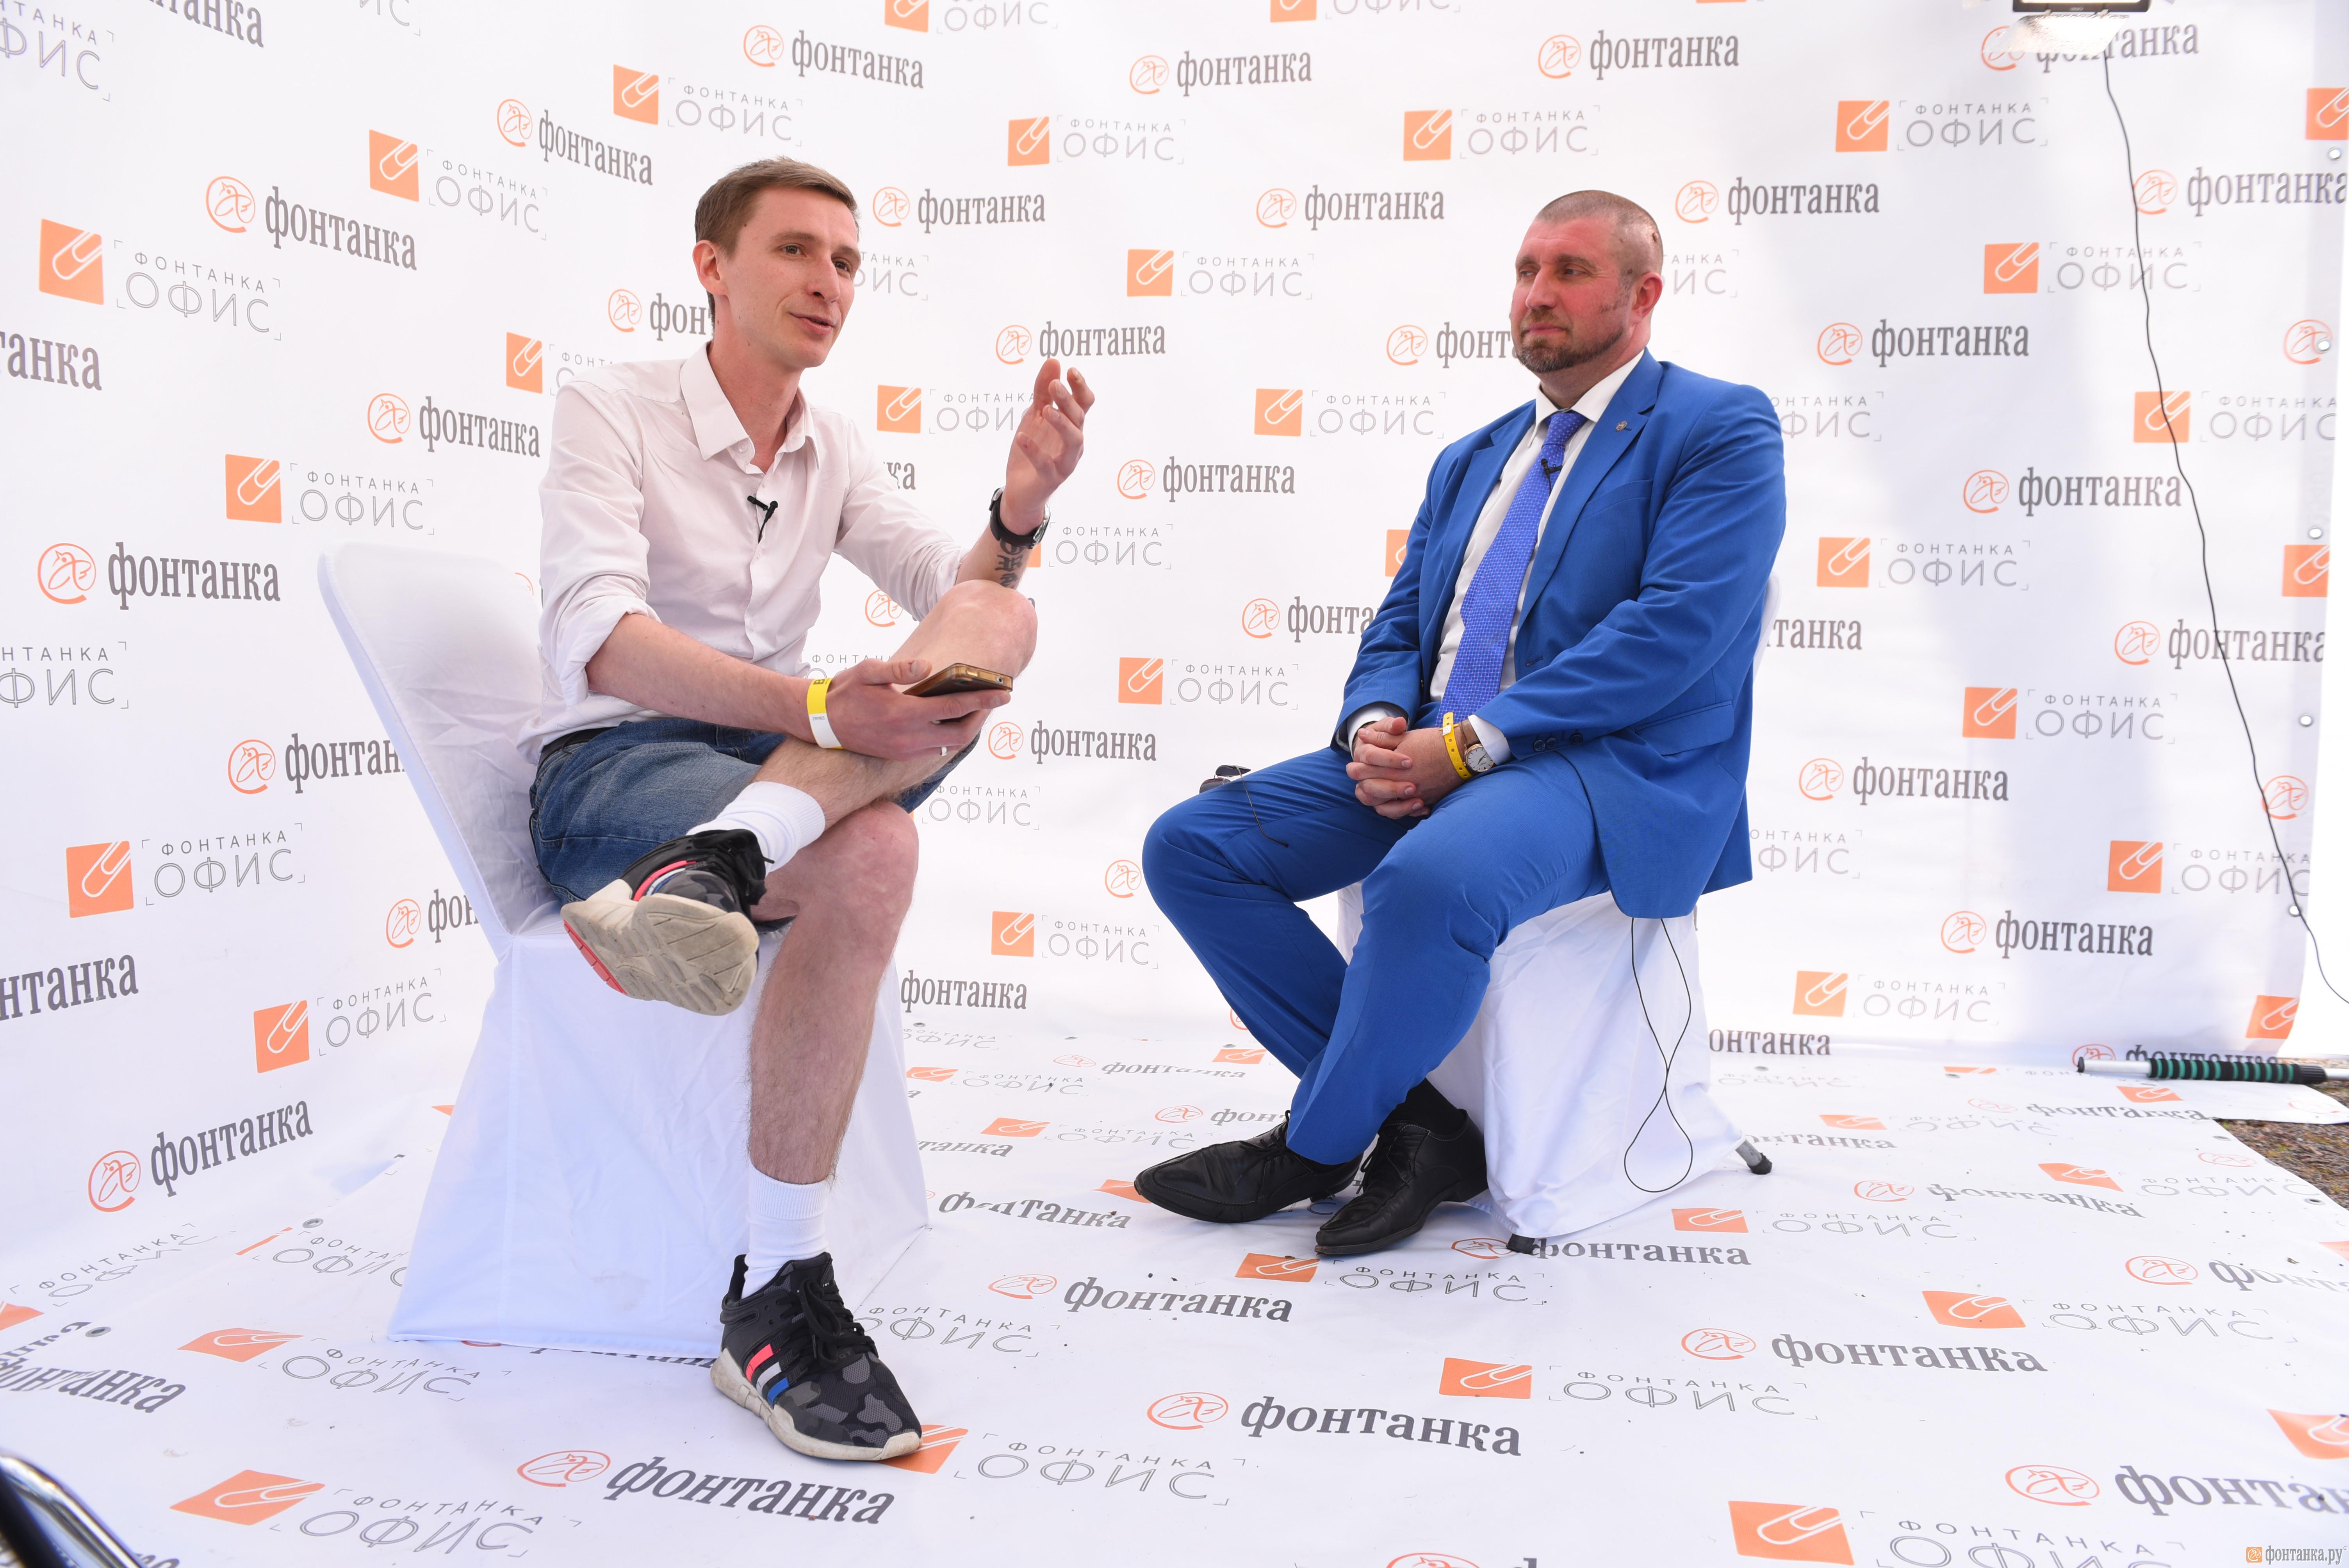 Дмитрий Потапенко: «Что делать с 10 млн руб? Переведите их в доллары и не морочьте голову!» (Иллюстрация 2 из 3)